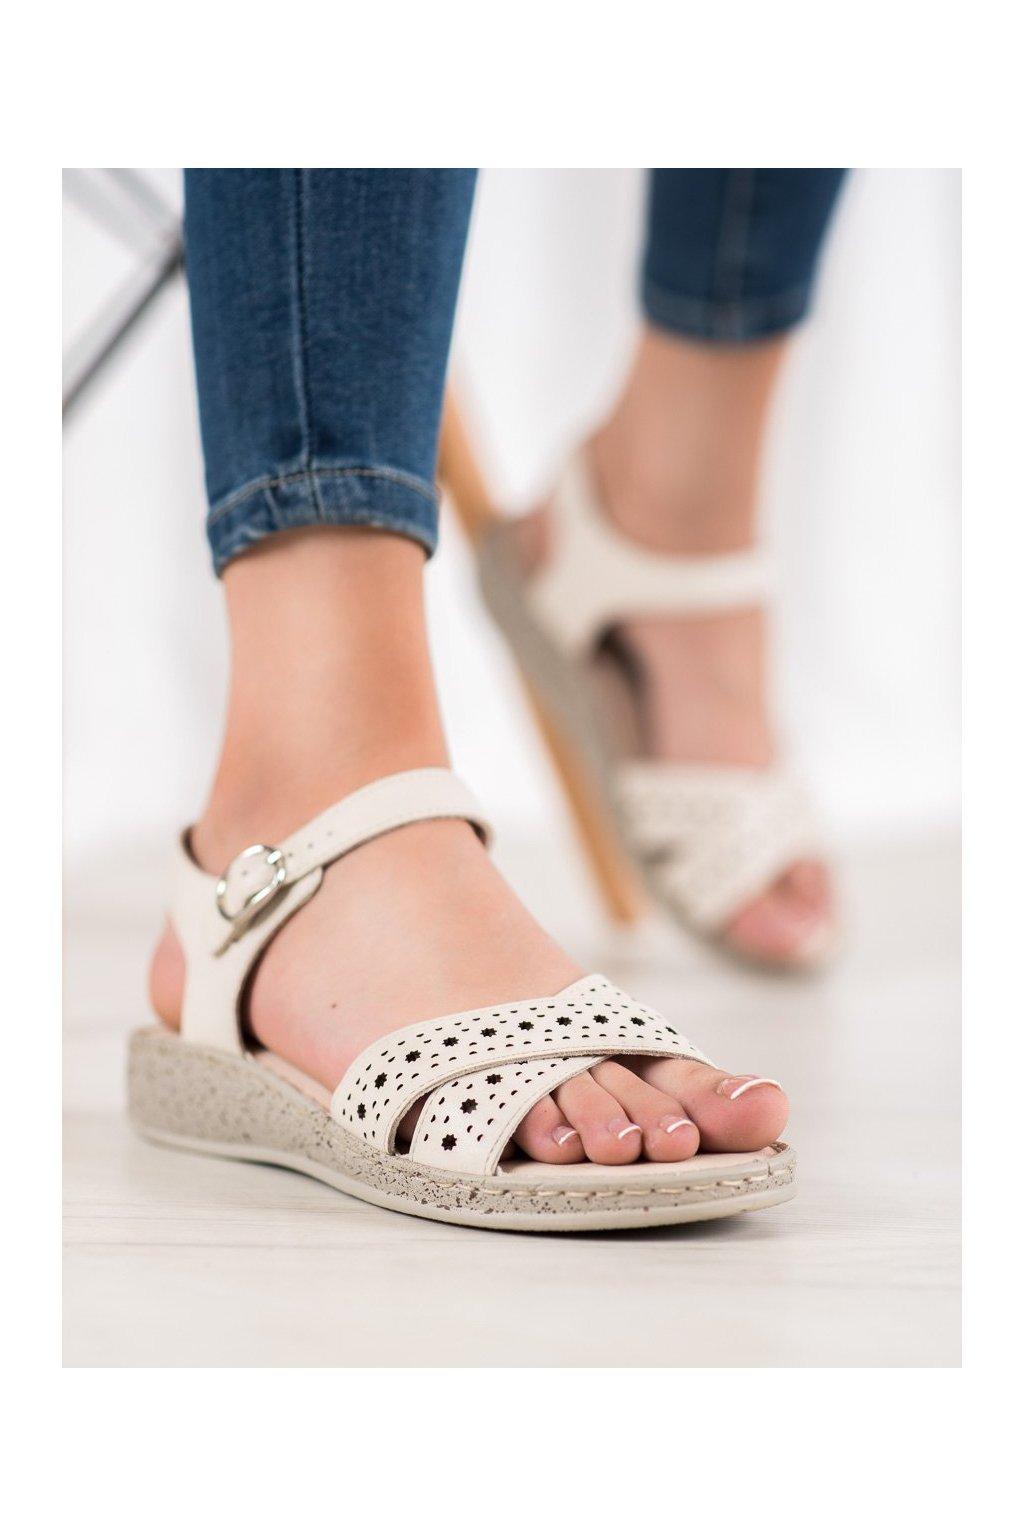 Hnedé sandále Shelovet kod B119-05-02HU